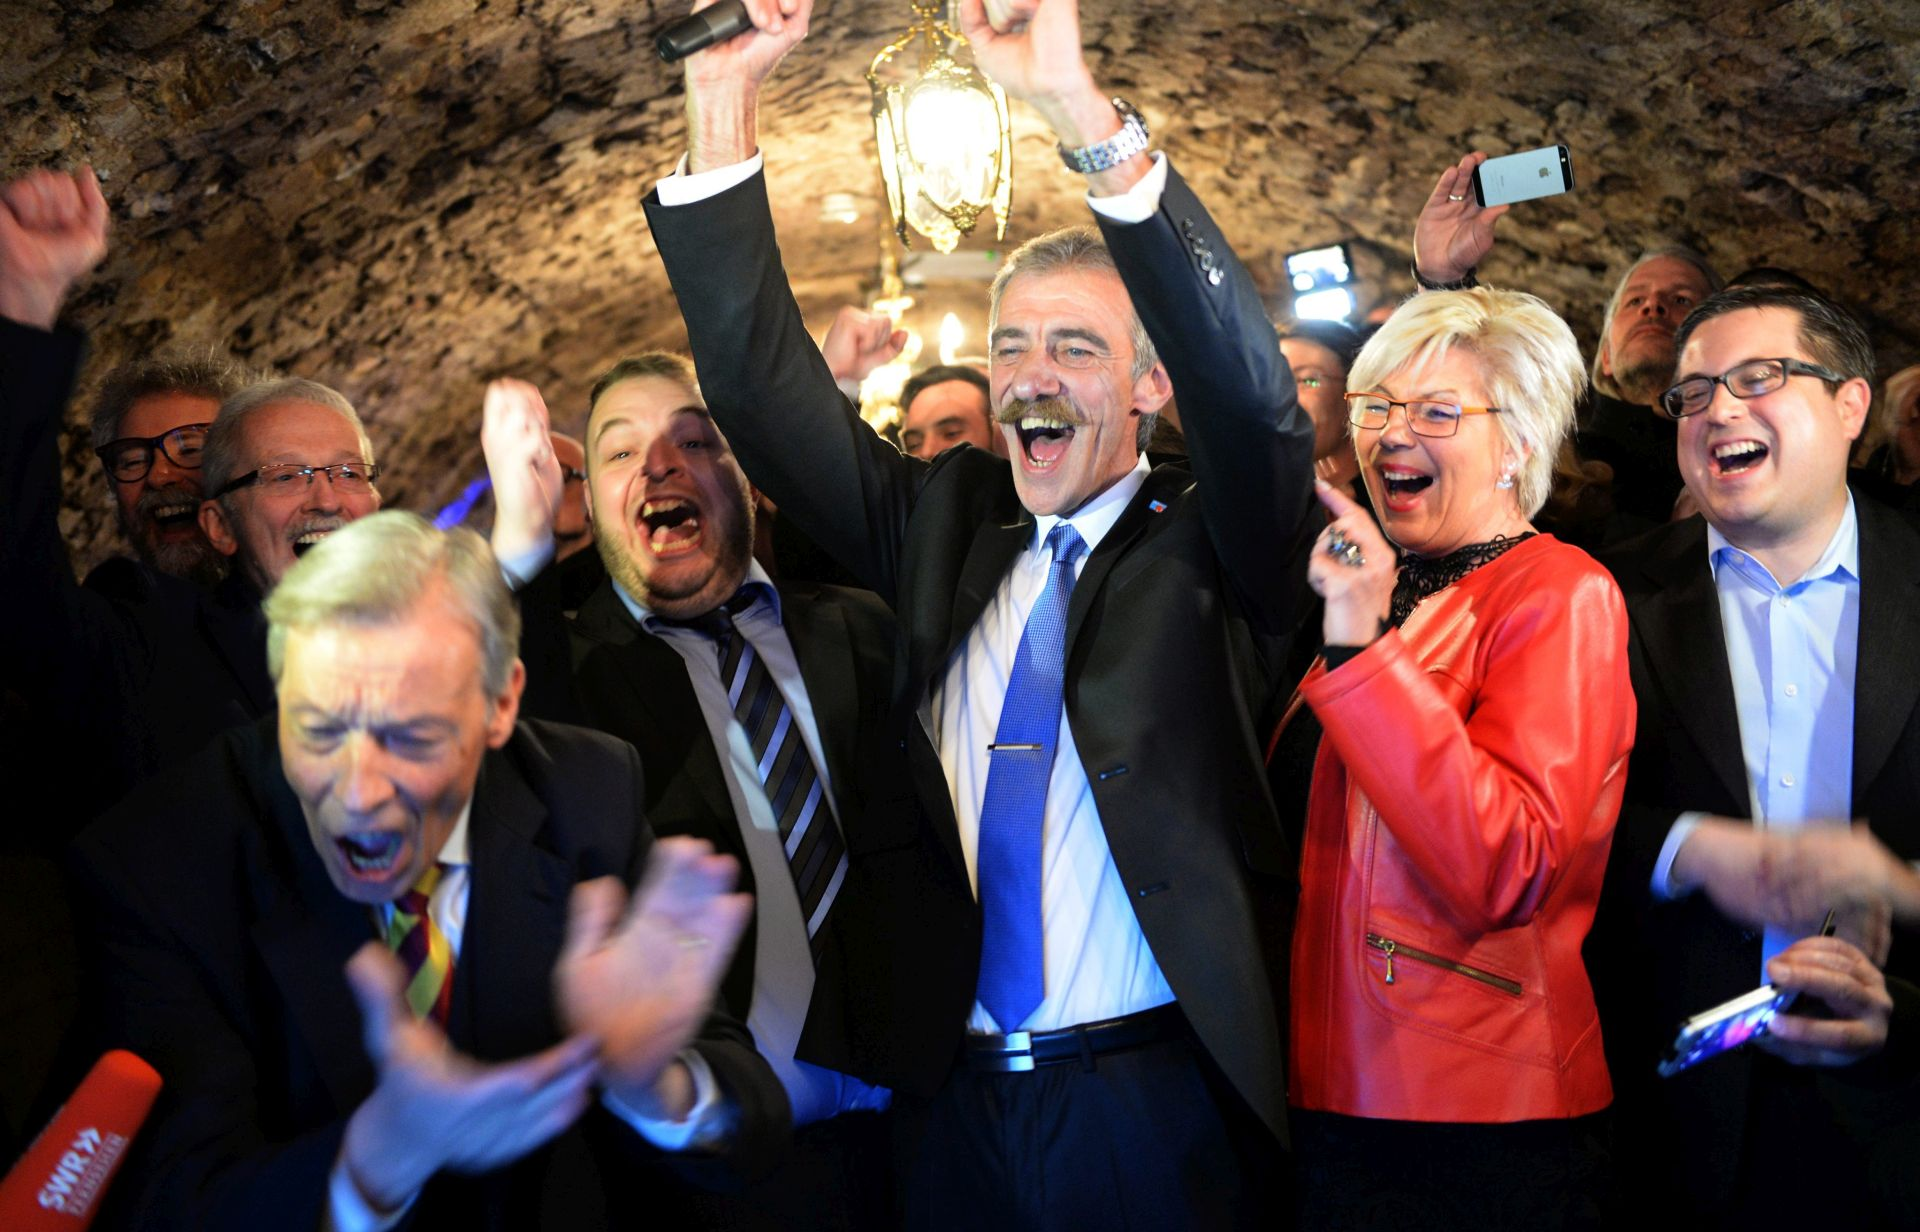 STRANKE ANGELE MERKEL GUBITNICE: Populisti pobjednici pokrajinskih izbora